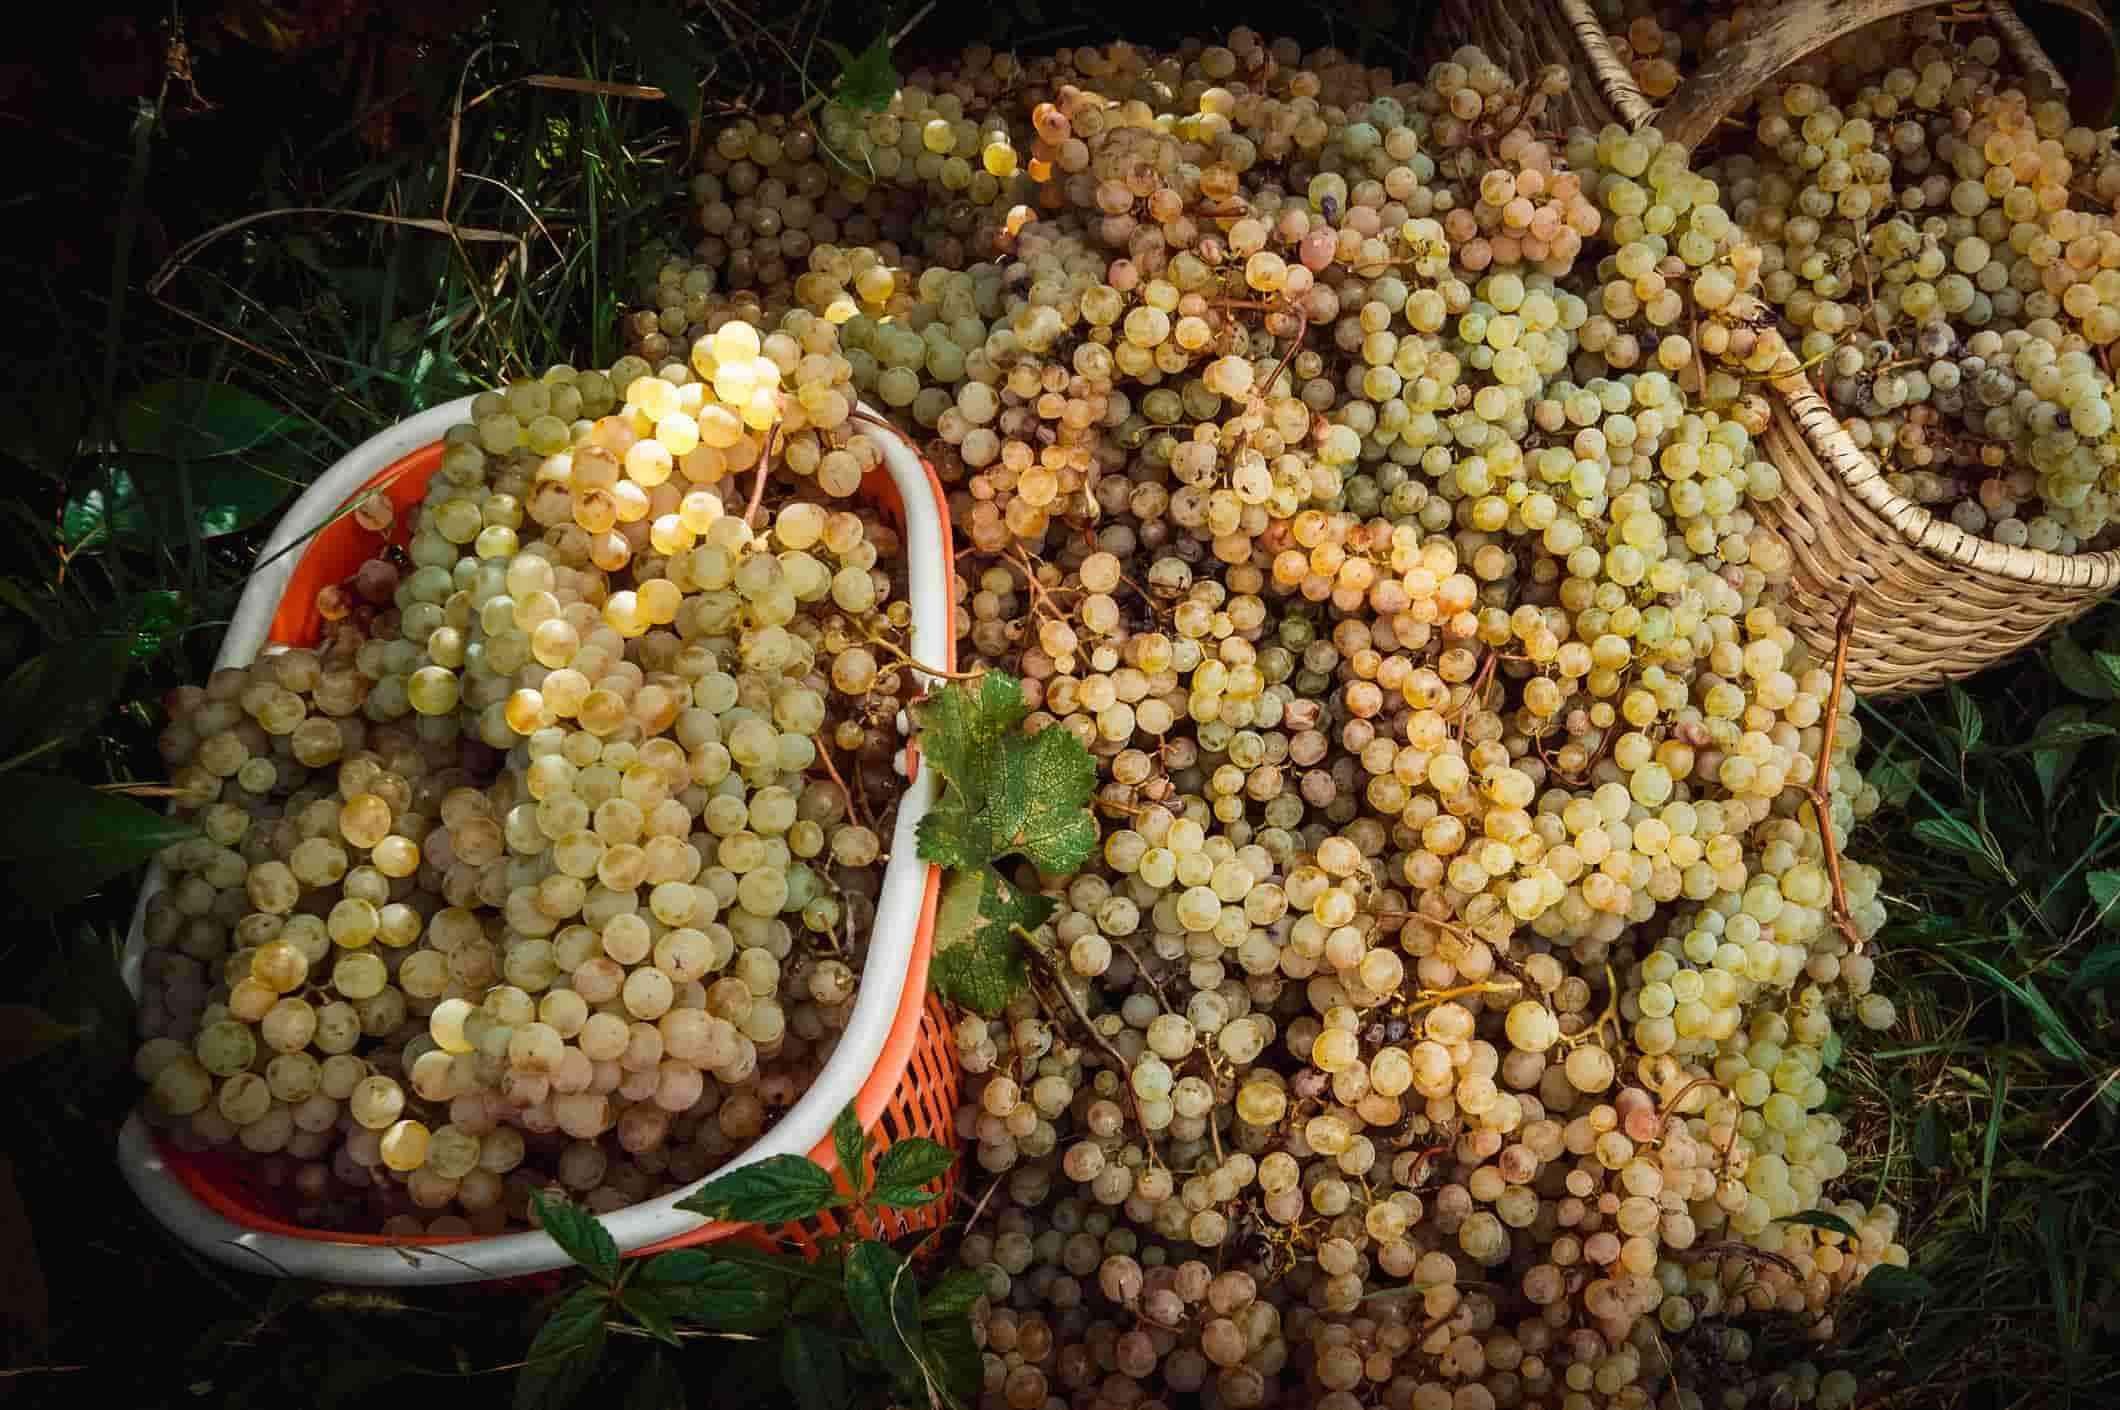 Белое вино, виноградники, виноград, грузия